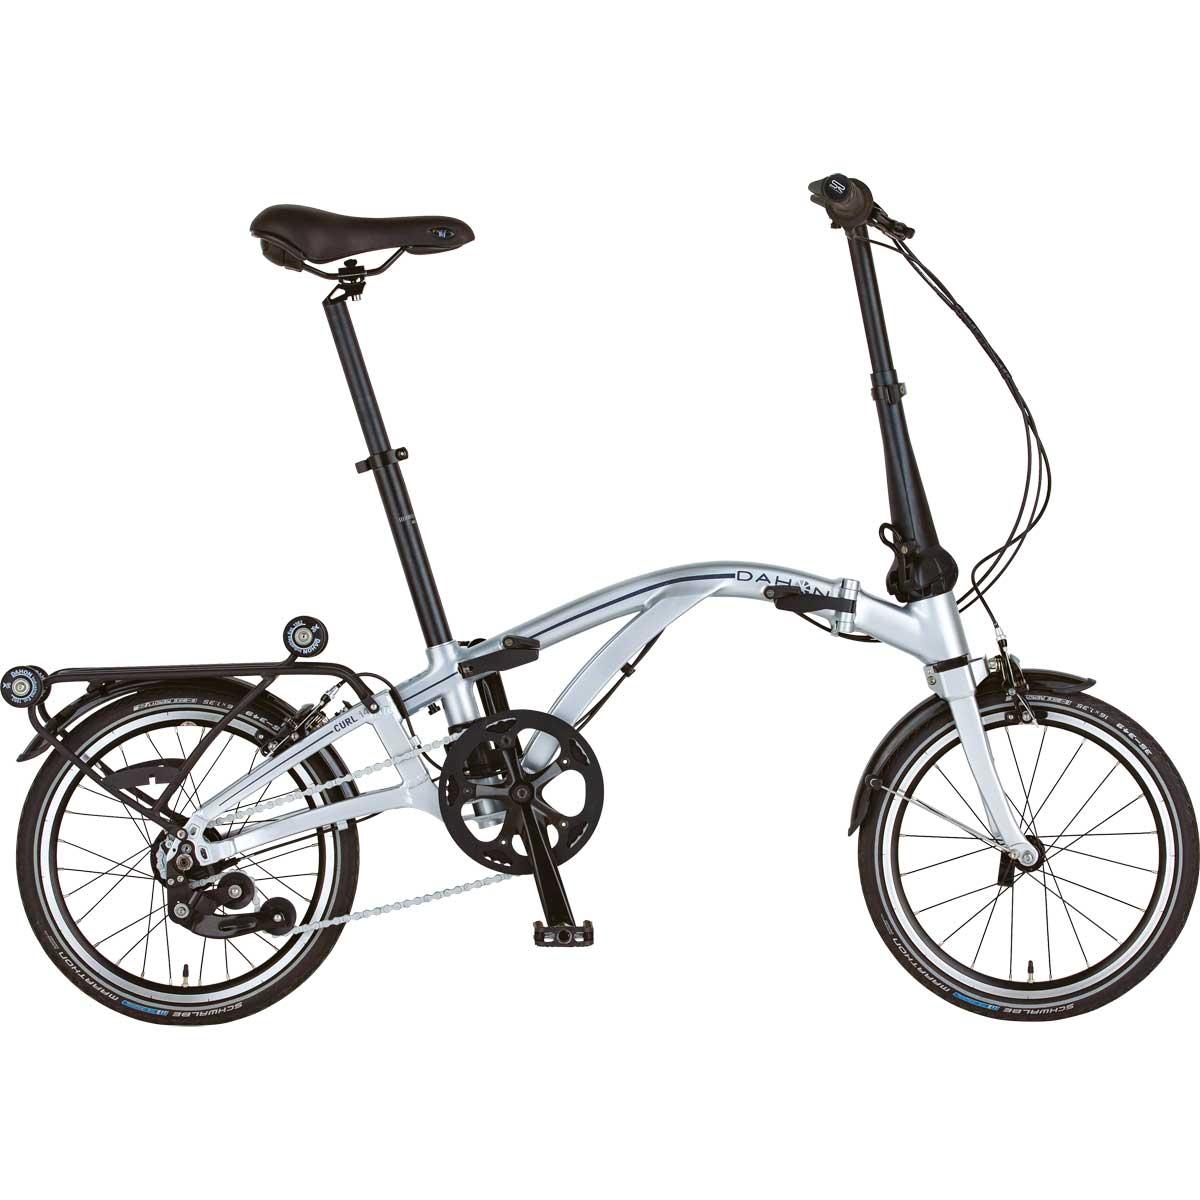 折りたたみでコンパクト、キャリーのようにコロコロ運べます。お手軽フォールディングバイク! DAHON/ダホン Curl i4 カール i4 クローム(9038) 折りたたみ自転車 自転車本体 キャリー